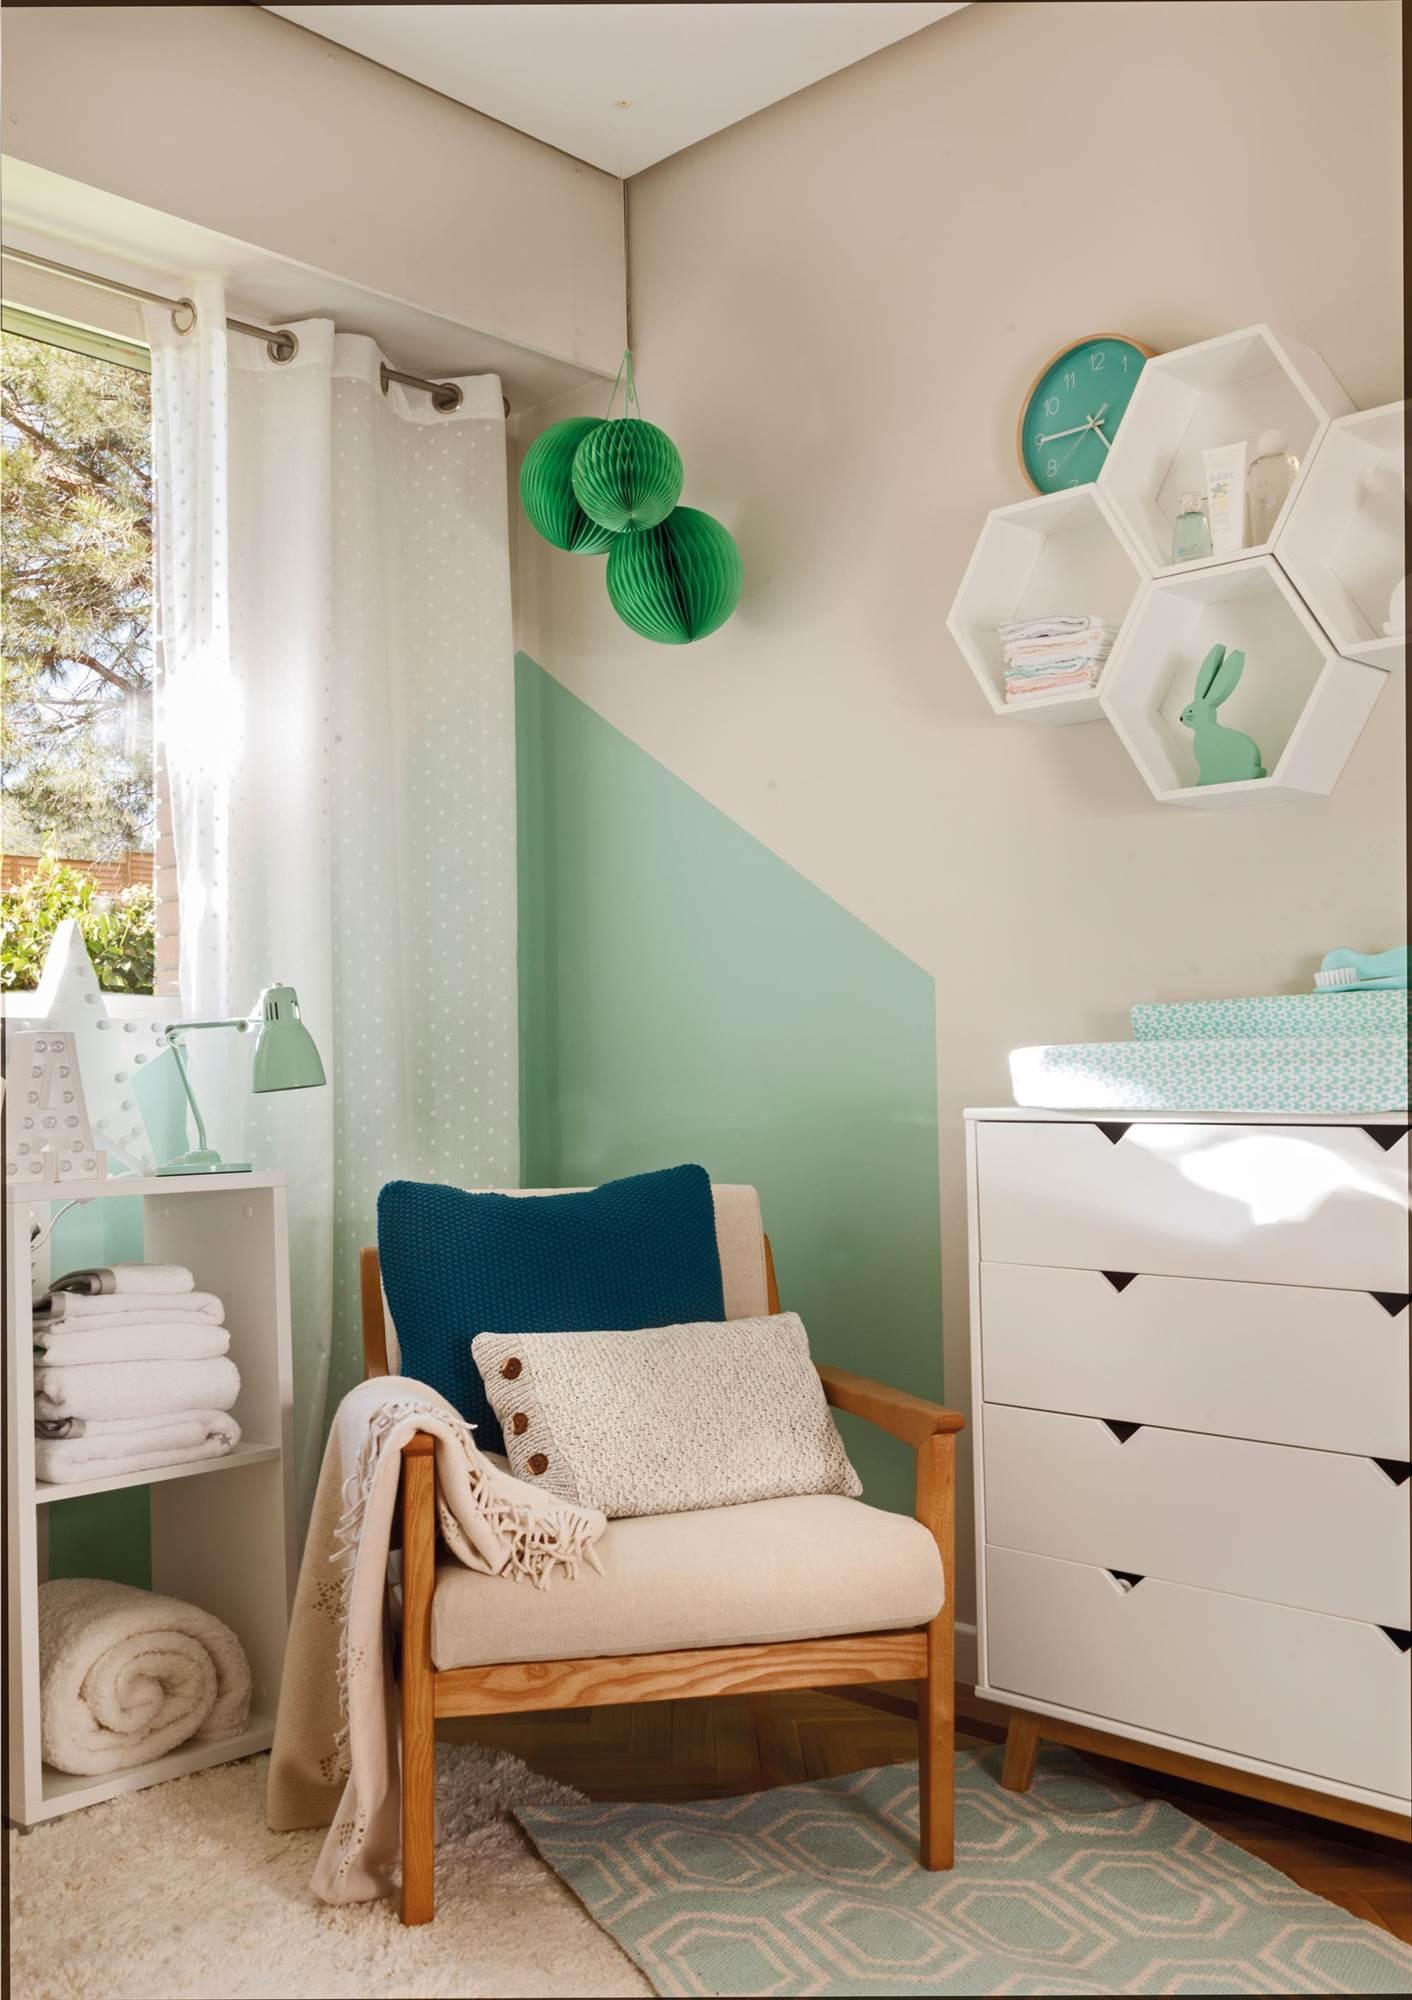 Dormitorios para bebe decoracion cuarto infantile pequeo - Dormitorio verde ...